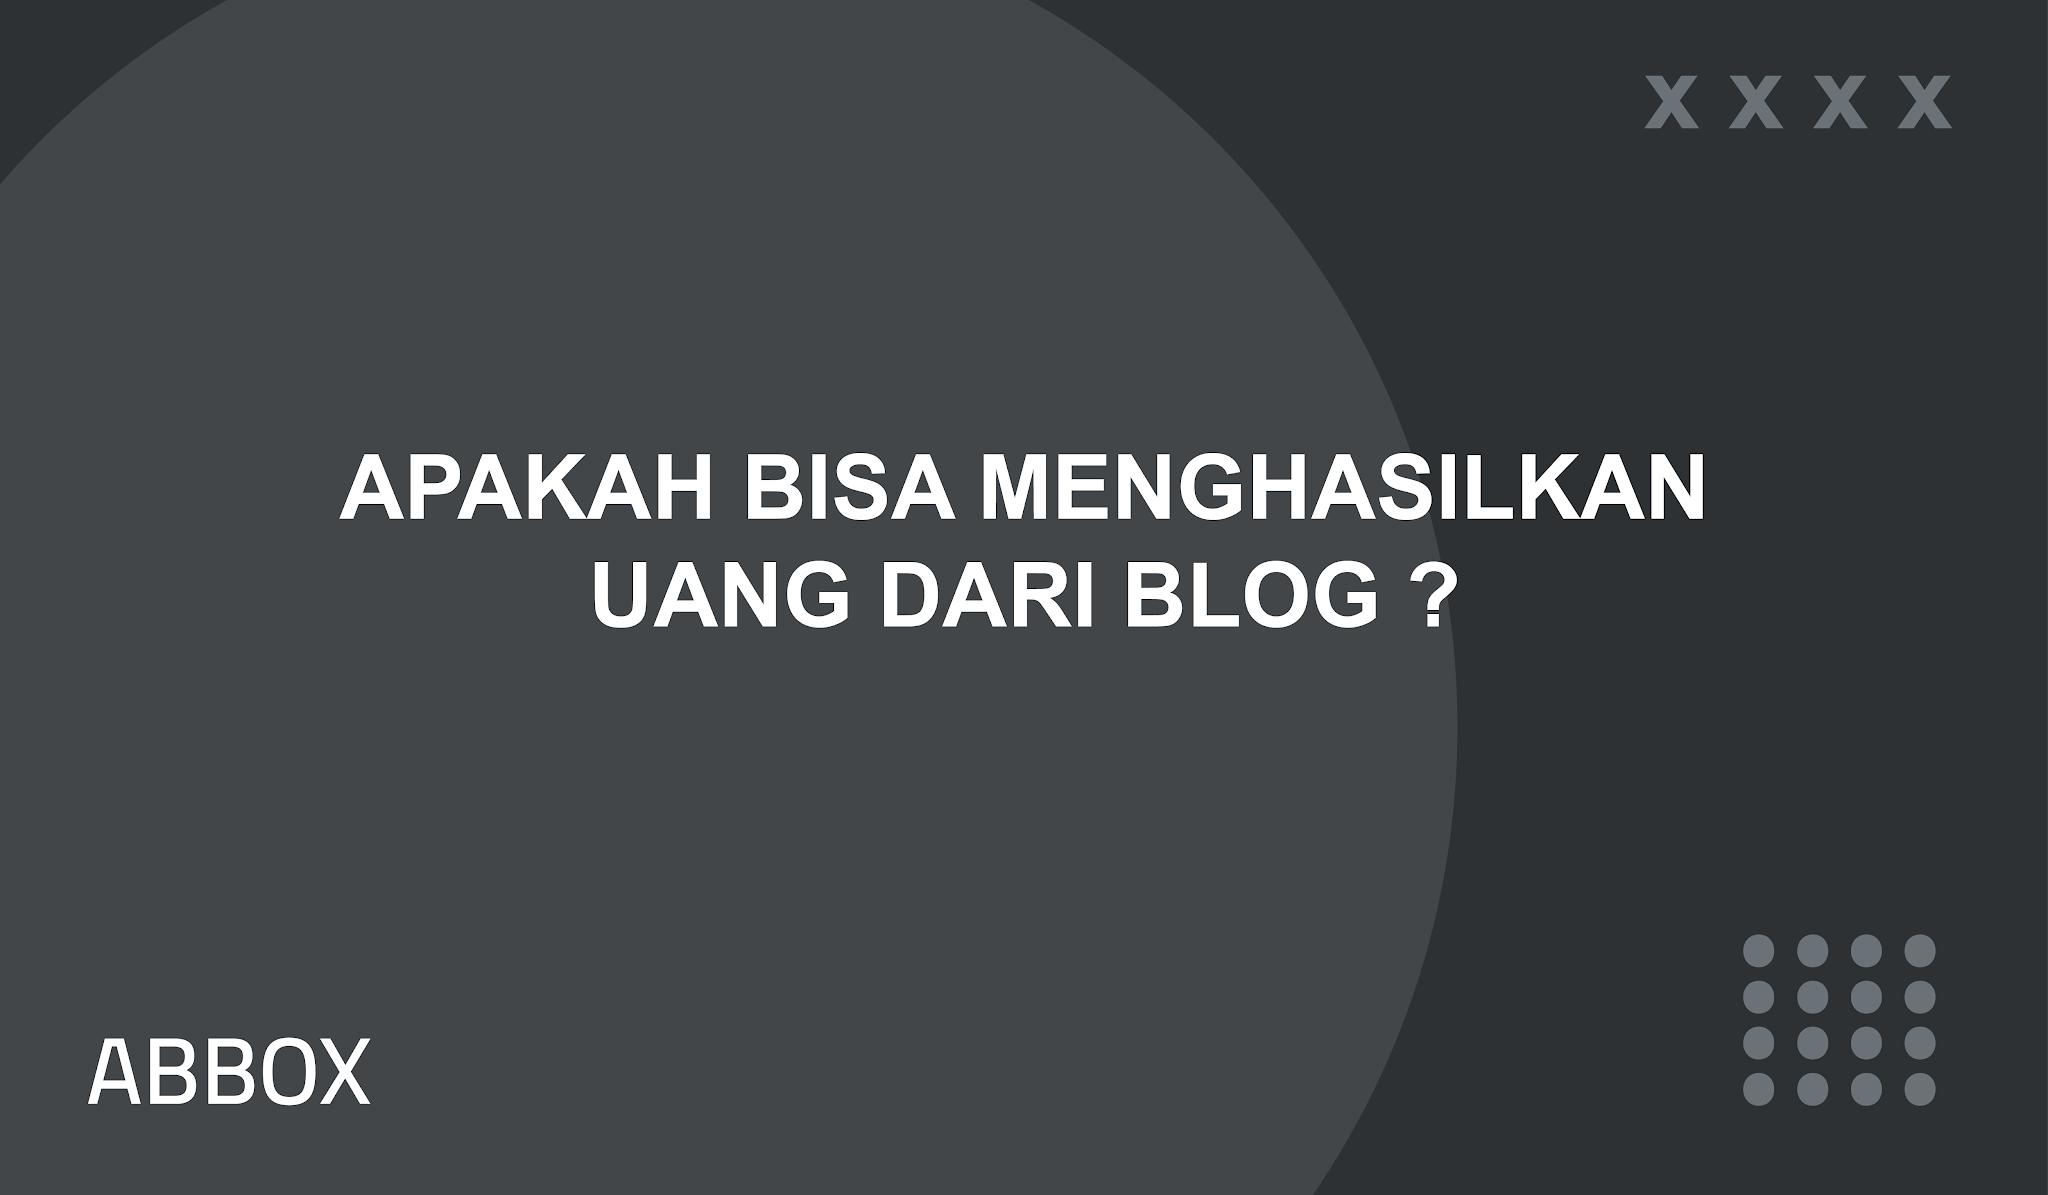 Apakah Bisa Menghasilkan Uang Dari Blog ?